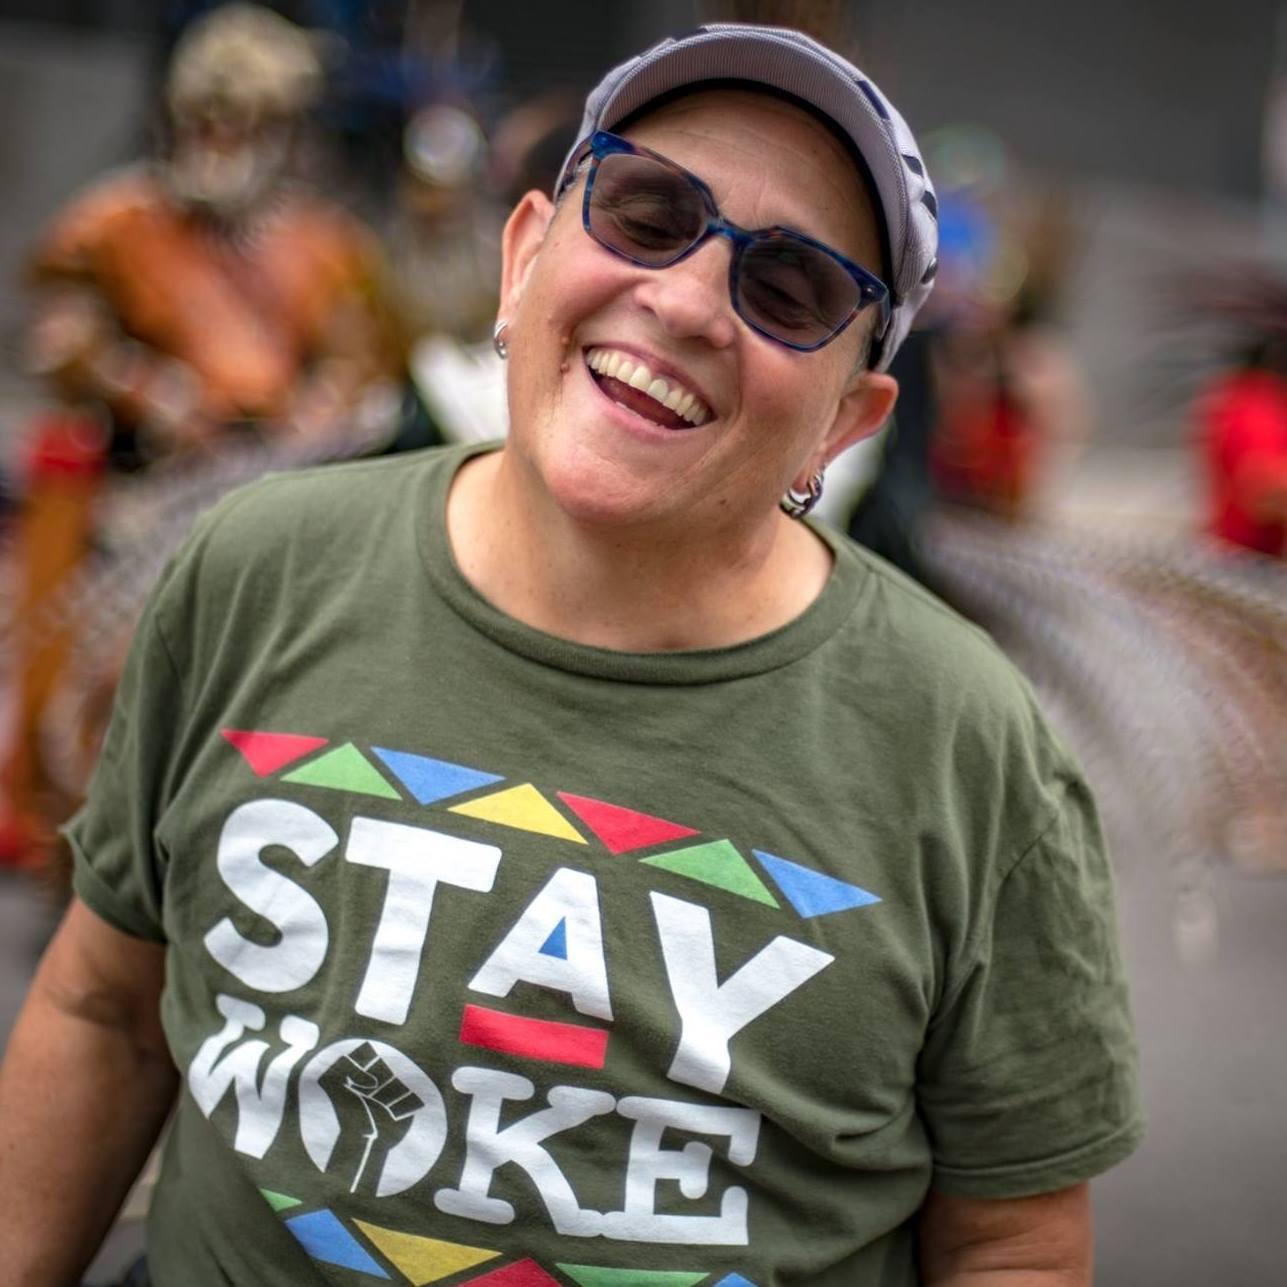 Shay Berkowitz, Social Justice Activist